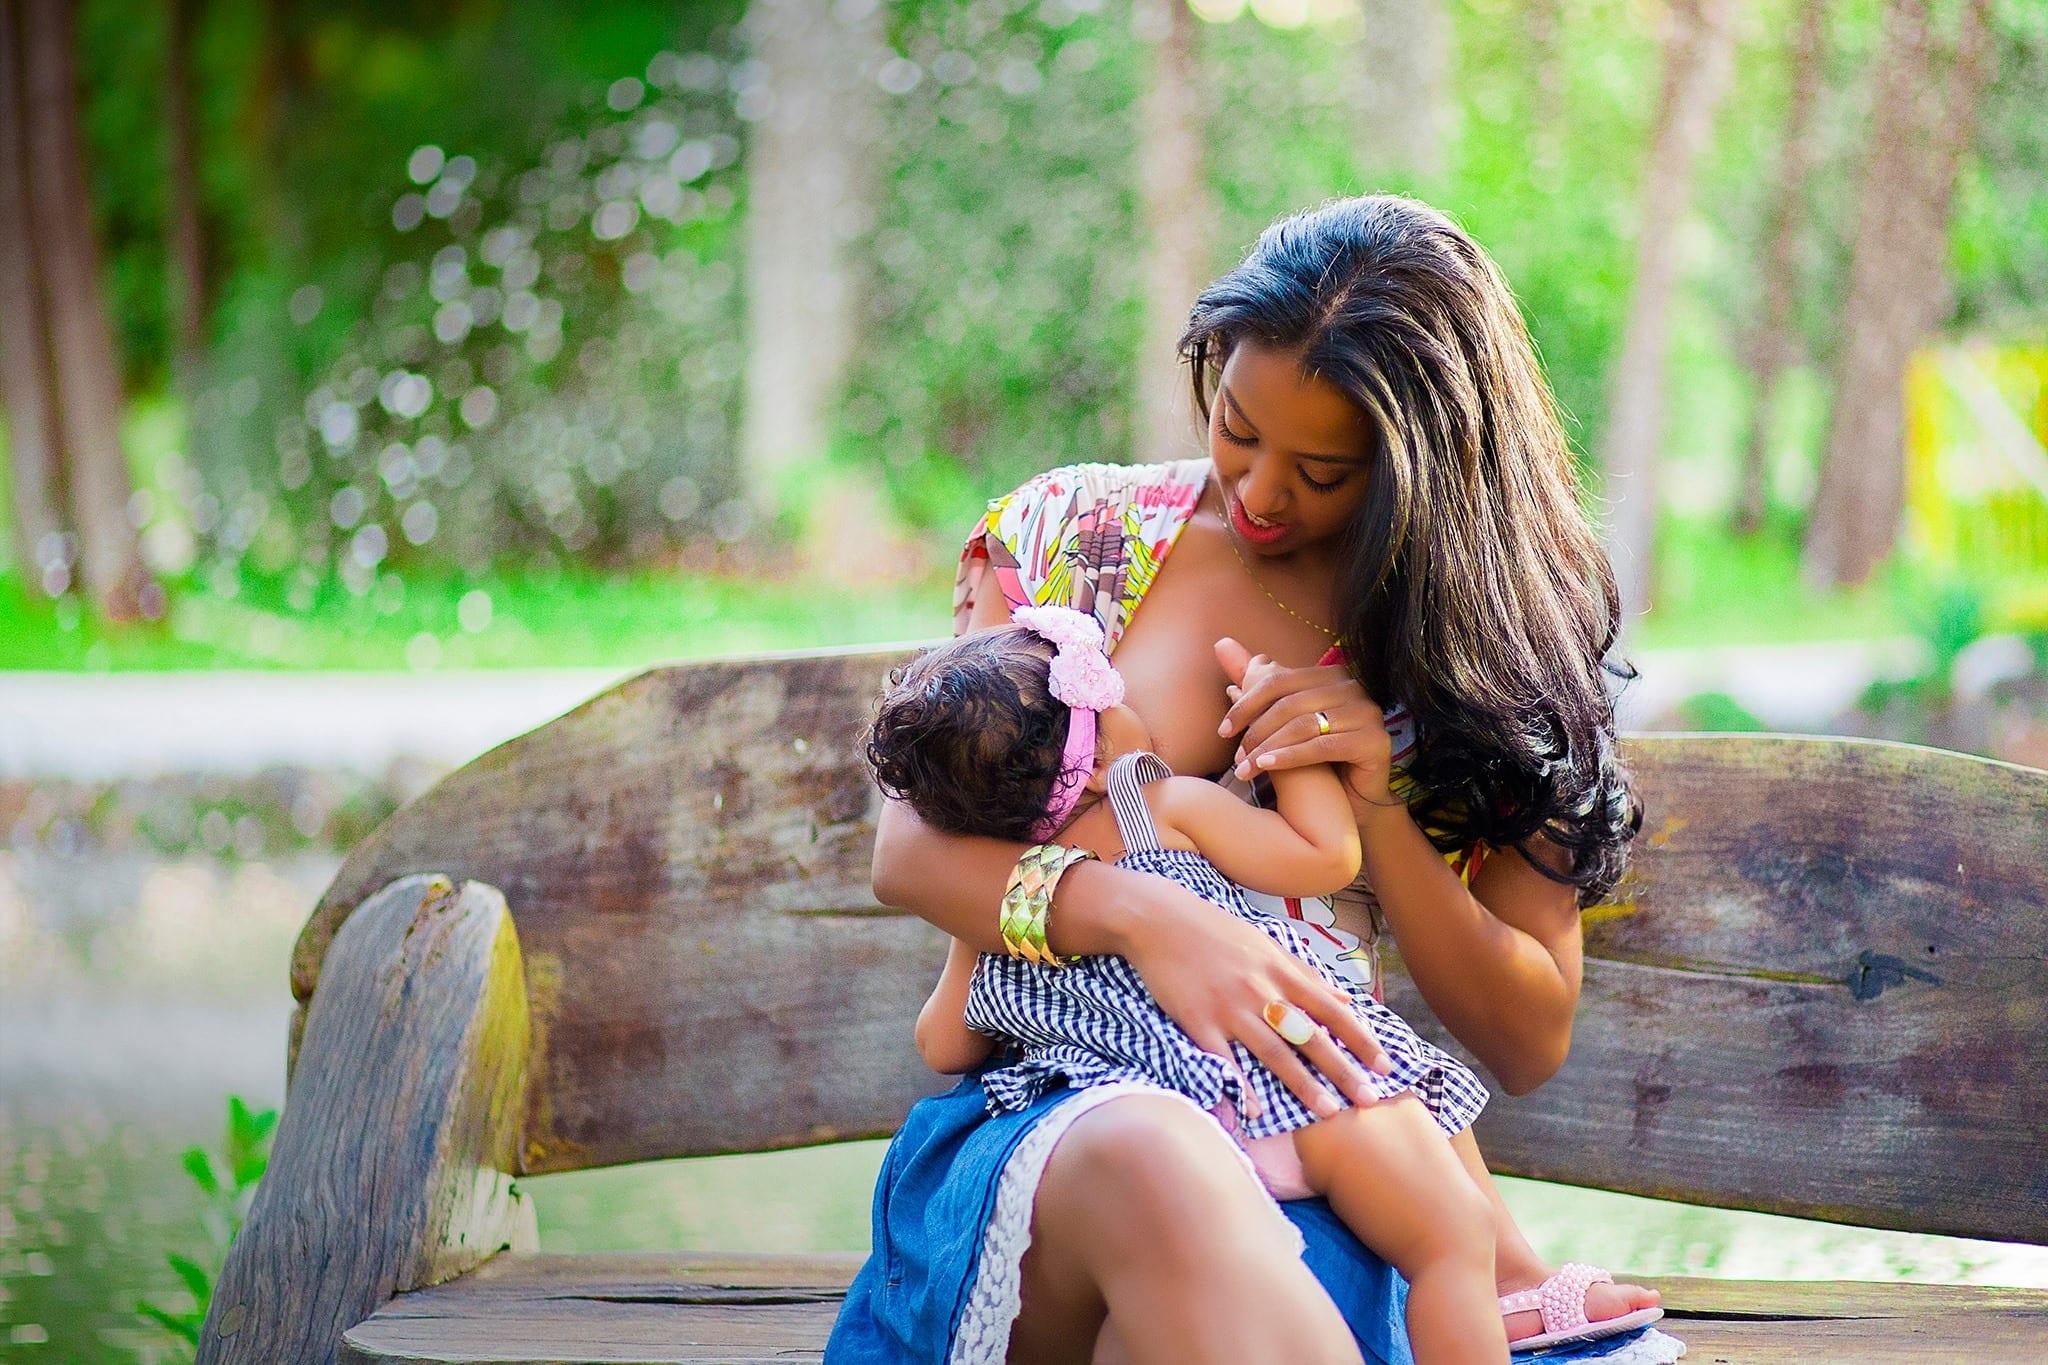 Mãe amamenta filha em parque (Foto: José Neto Fotografia Criativa)